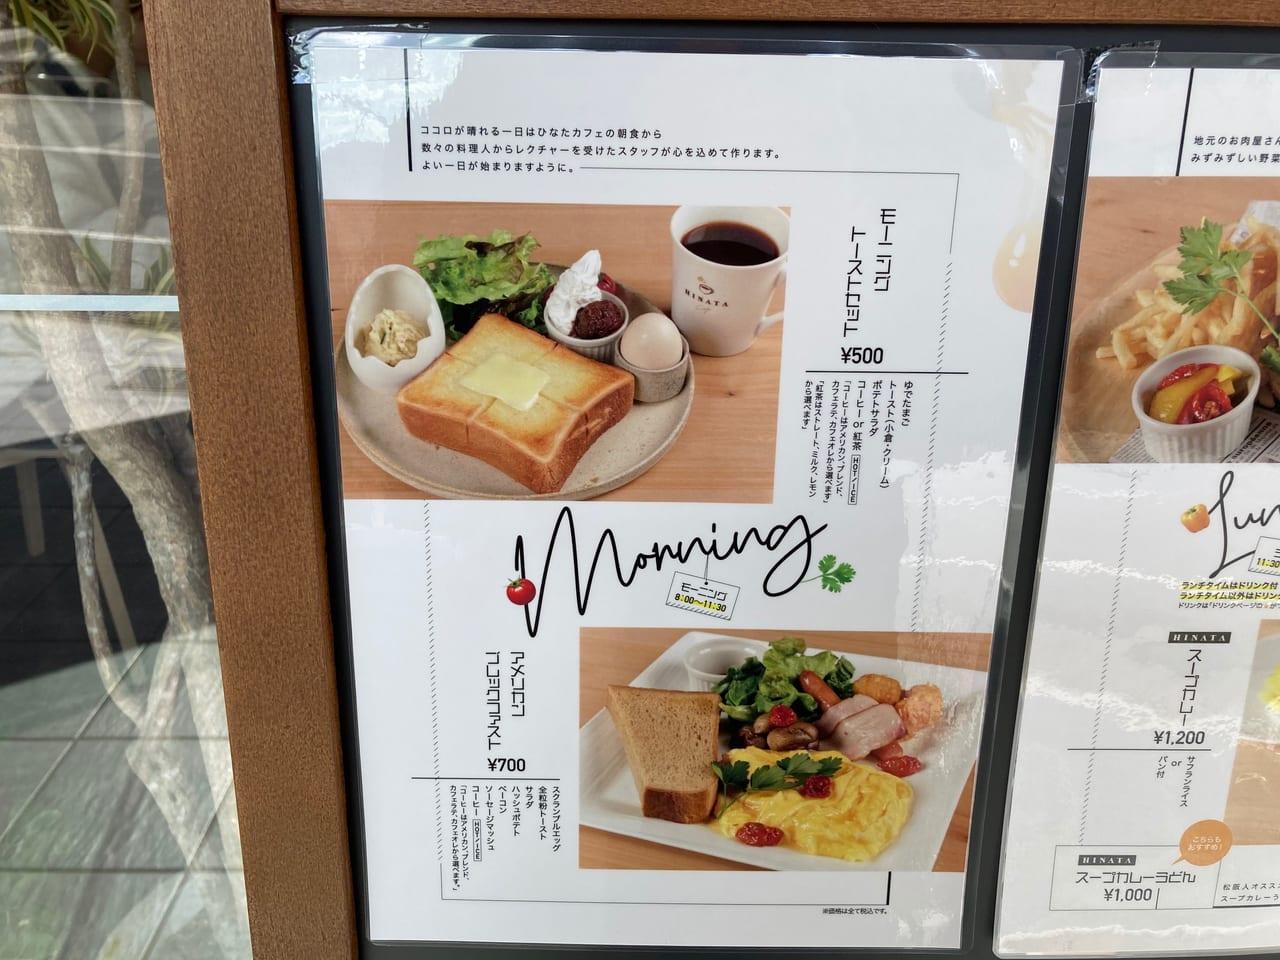 HINATA cafeモーニングメニュー